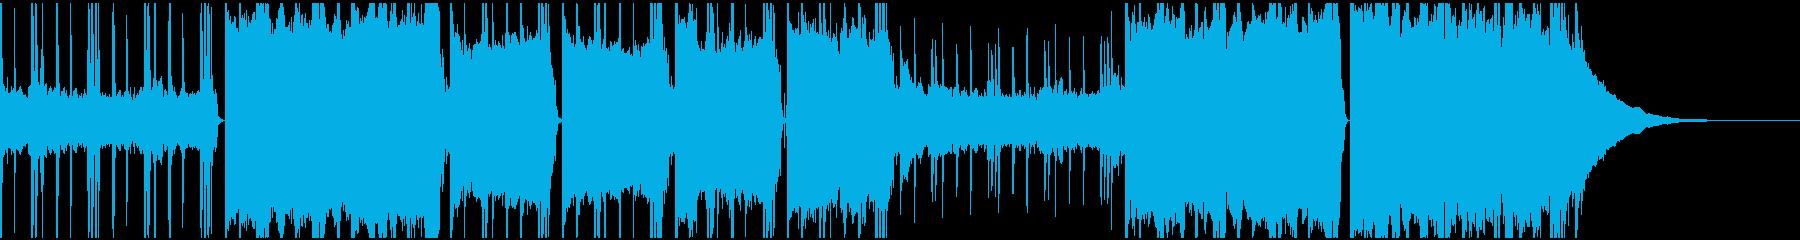 ヒップホップ ロックミュージックの再生済みの波形